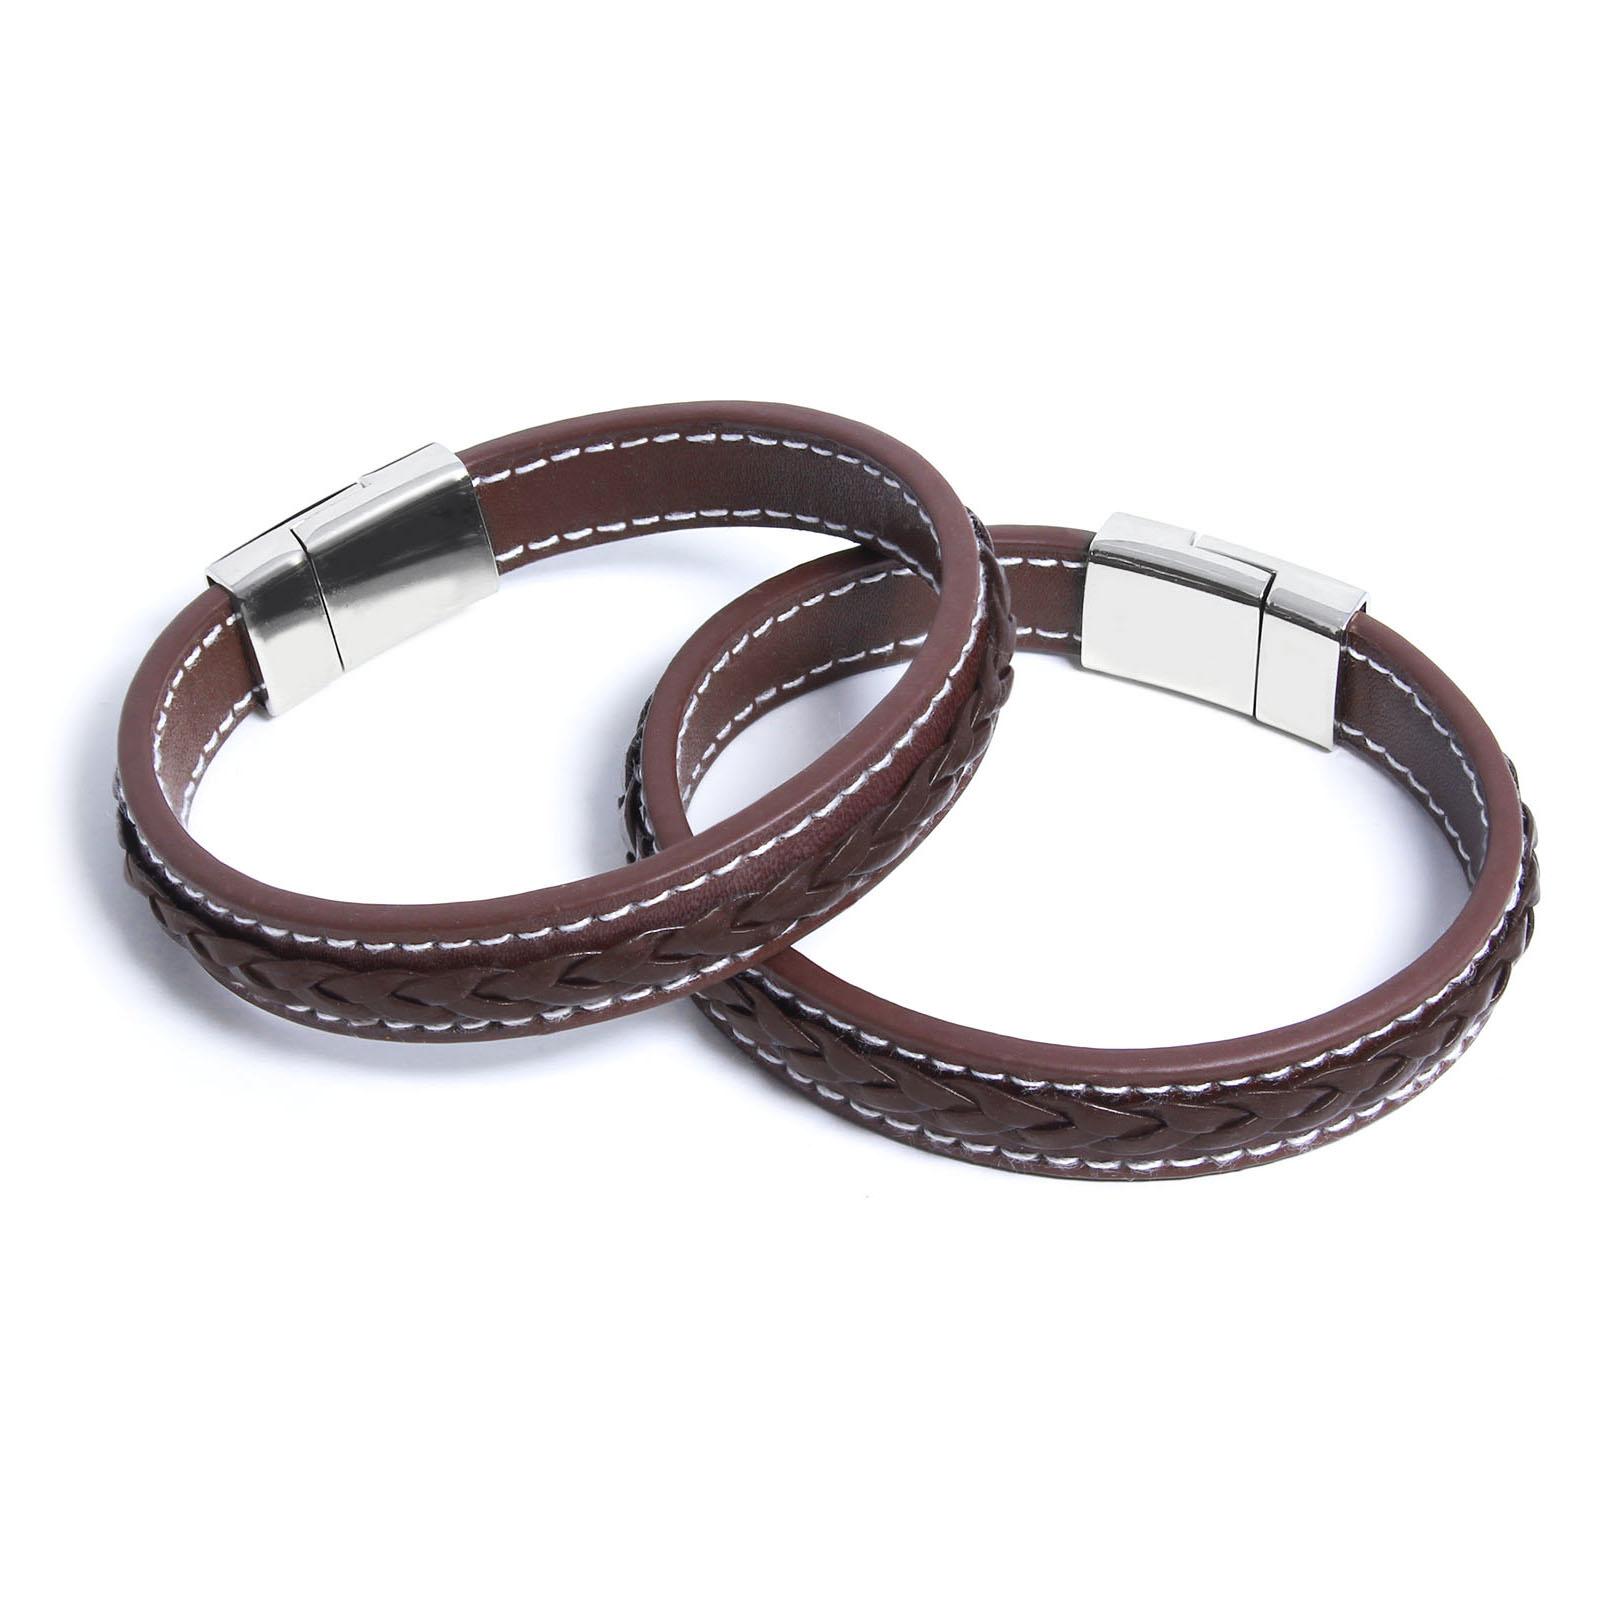 marktfähig heiß-verkaufender Fachmann 60% günstig ROYALZ Herren Armband 2 Set mit Magnet Verschluss in Lederoptik  Handgelenk-Band für Männer 2 x Accessoire mit geflochten Elemente  Metalschnalle 2 Paar